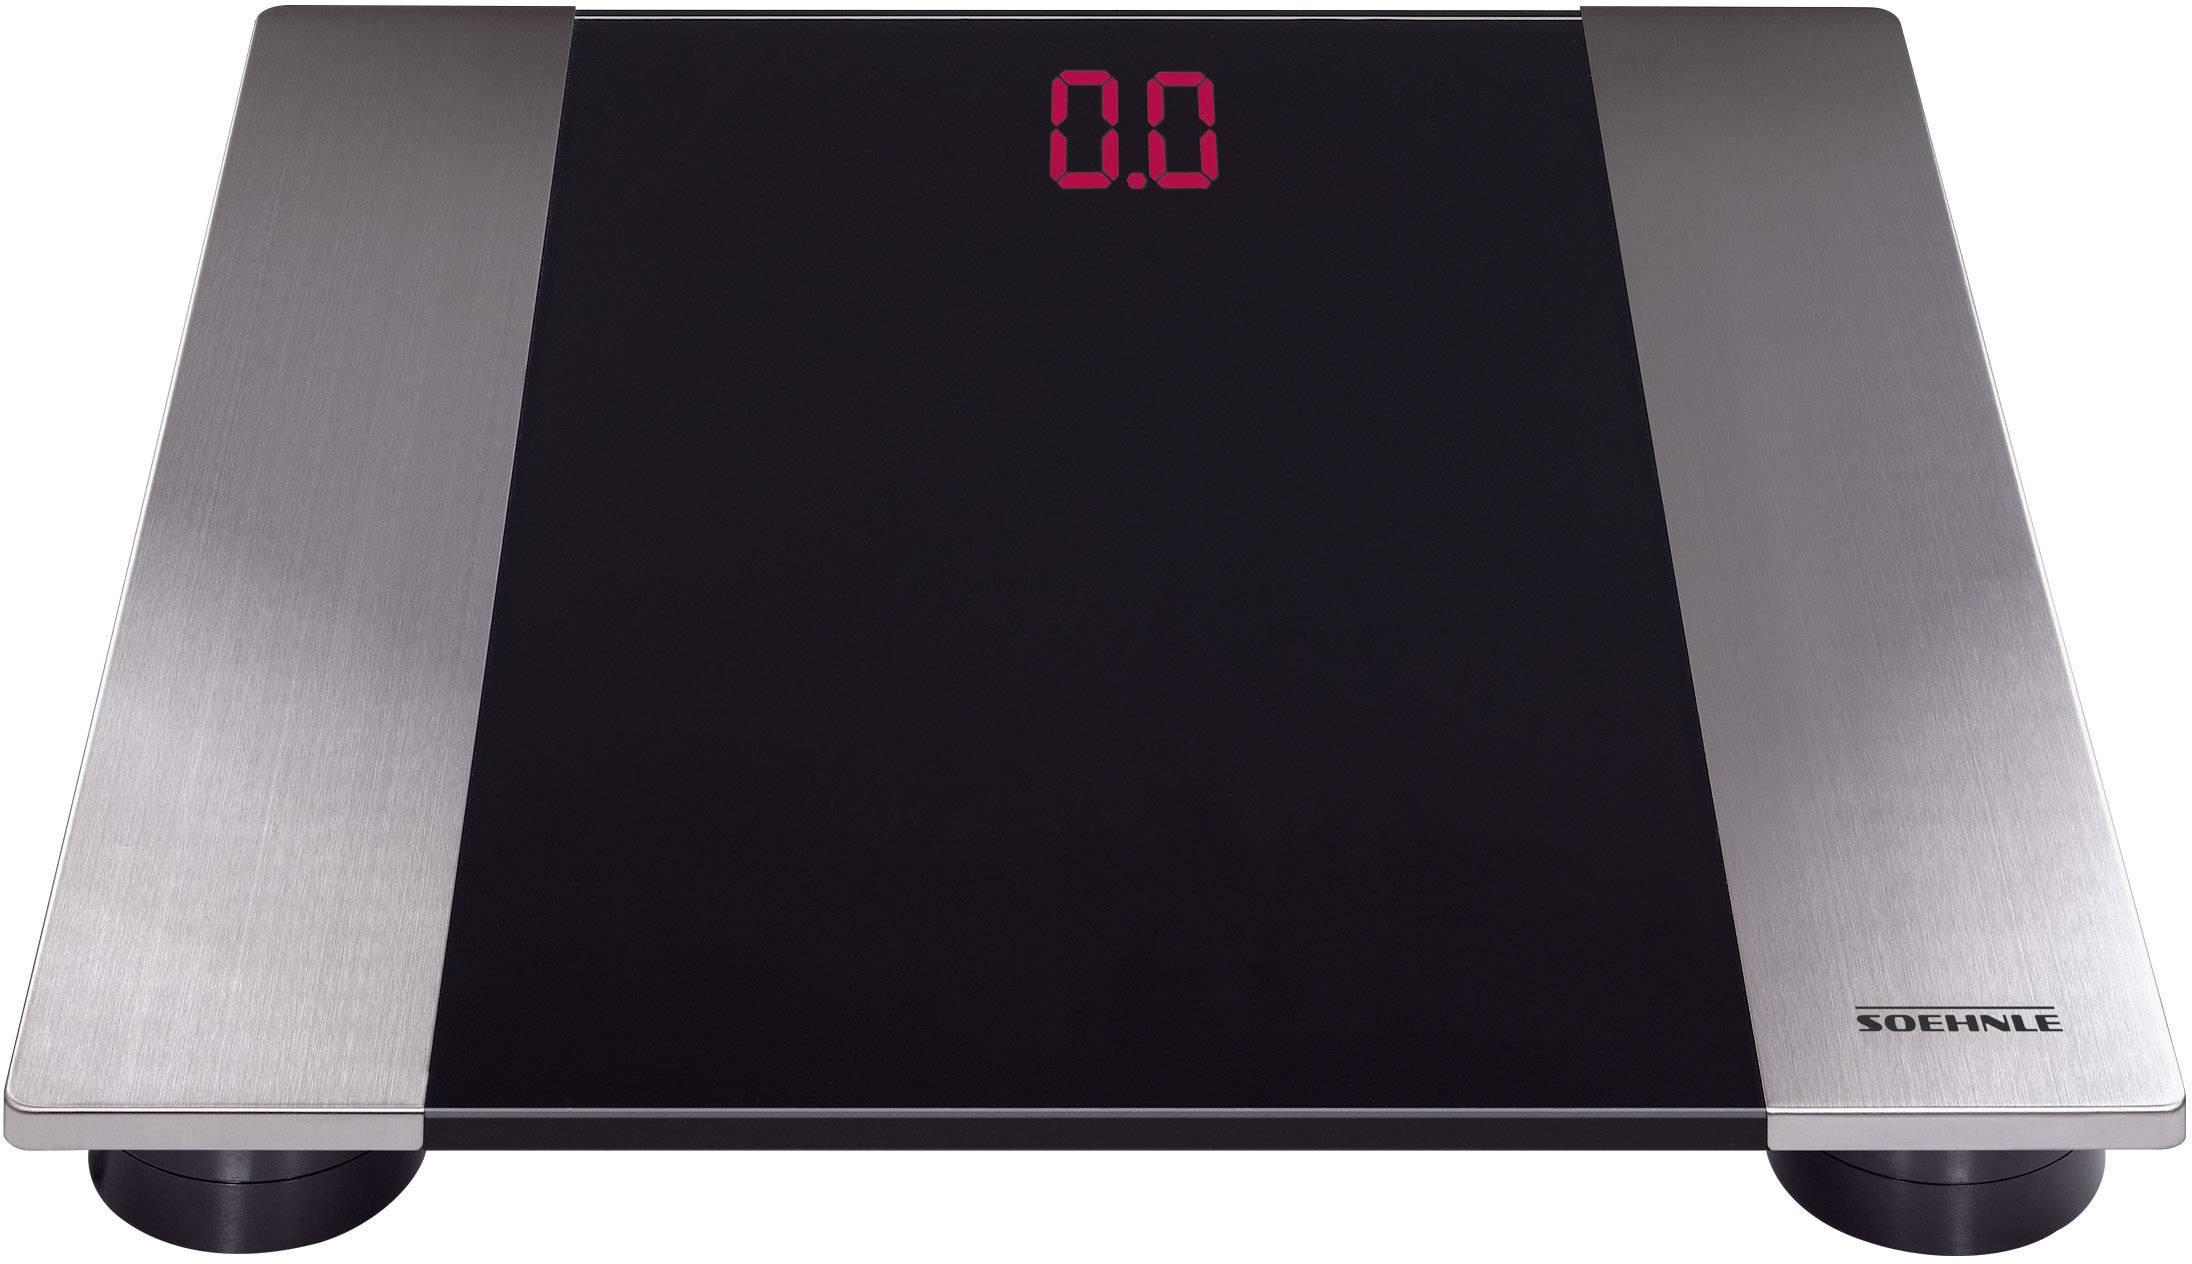 Osobní váha Soehnle Linea, 63536, černá